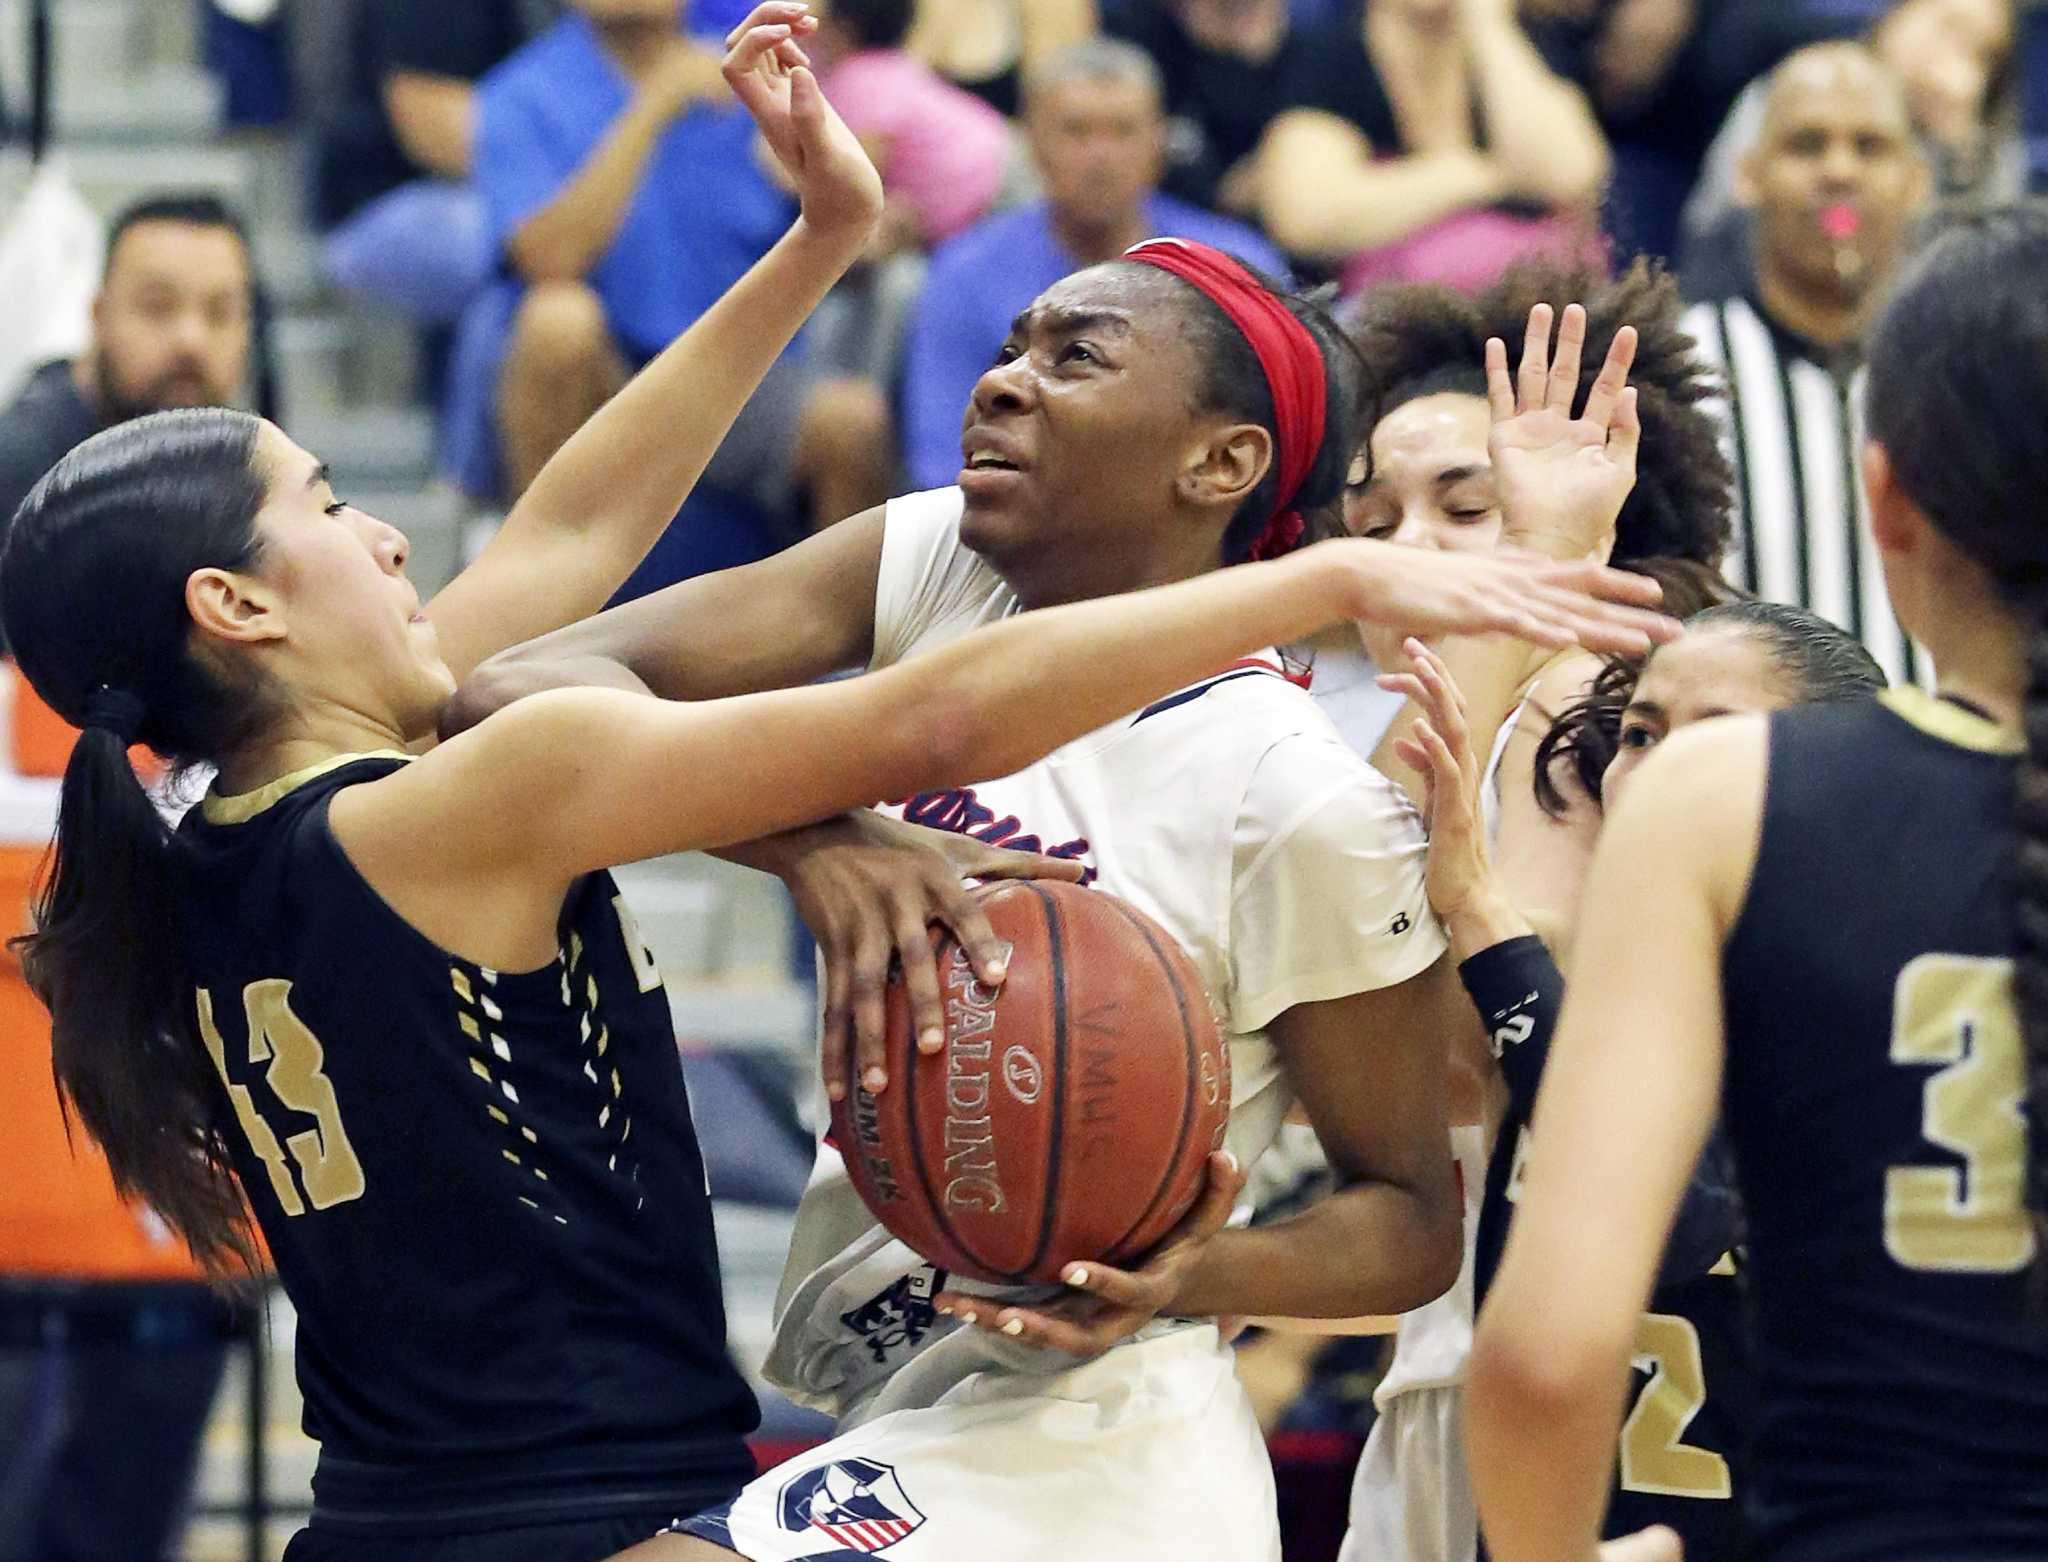 Girls basketball: Brandeis tops E-N rankings